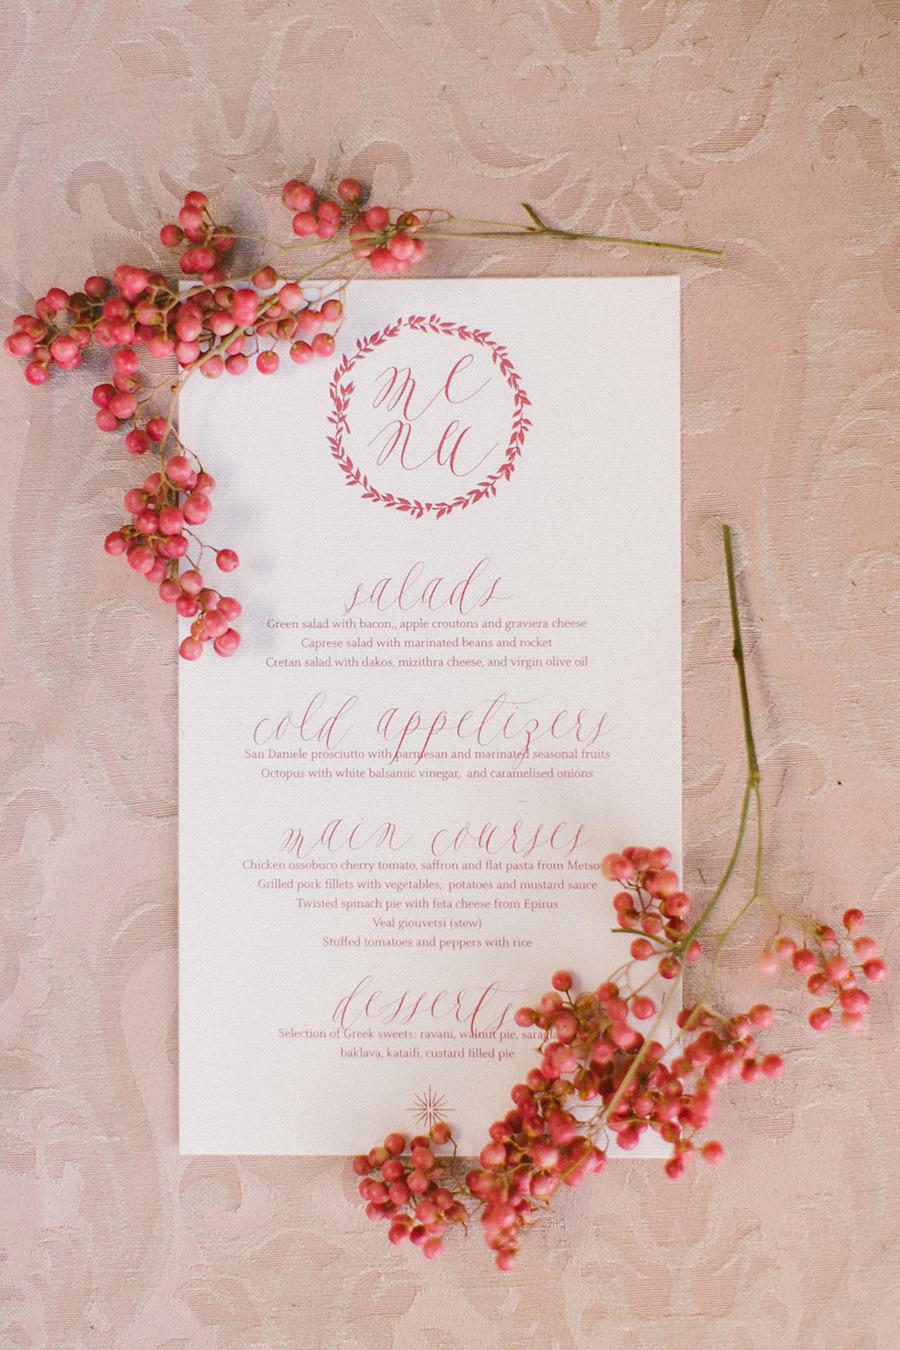 wedding menu - Boho Chic Wedding Inspiration Shoot from Anna Roussos Photography - annaroussos.com | Read more : http://www.fabmood.com/boho-chic-wedding-inspiration-shoot-anna-roussos-photography